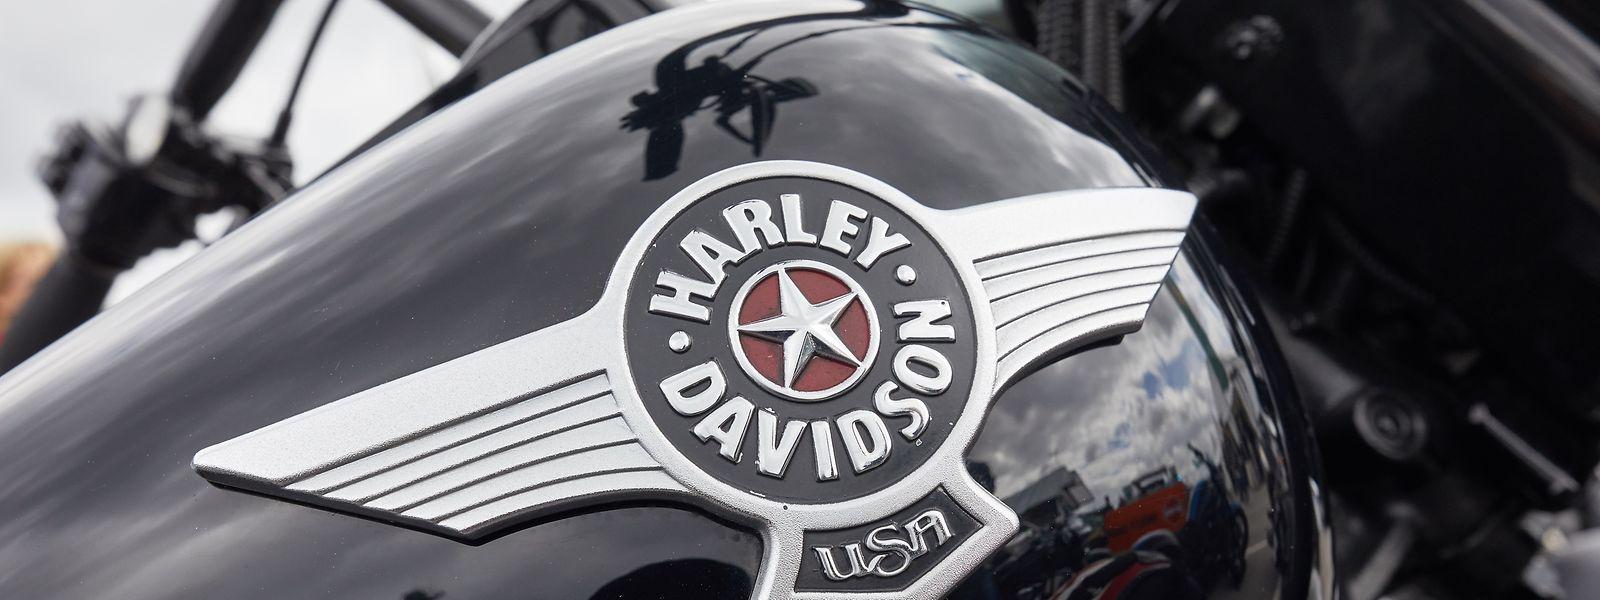 Die Maschinen von Harley Davidson erfreuen sich in Europa großer Beliebtheit.